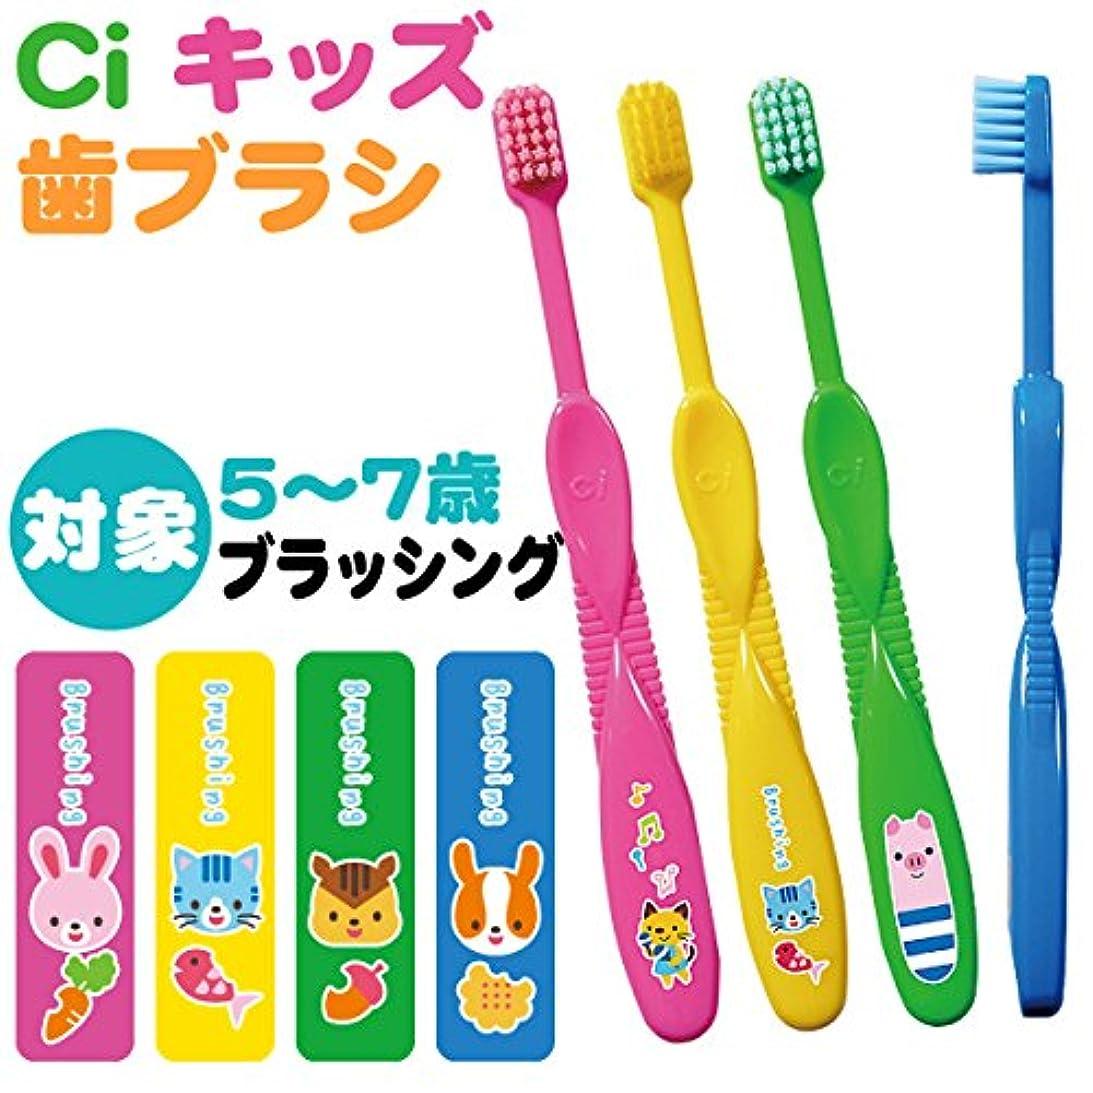 こんにちはルネッサンス誤解させるCiキッズ歯ブラシ ブラッシング柄 24本